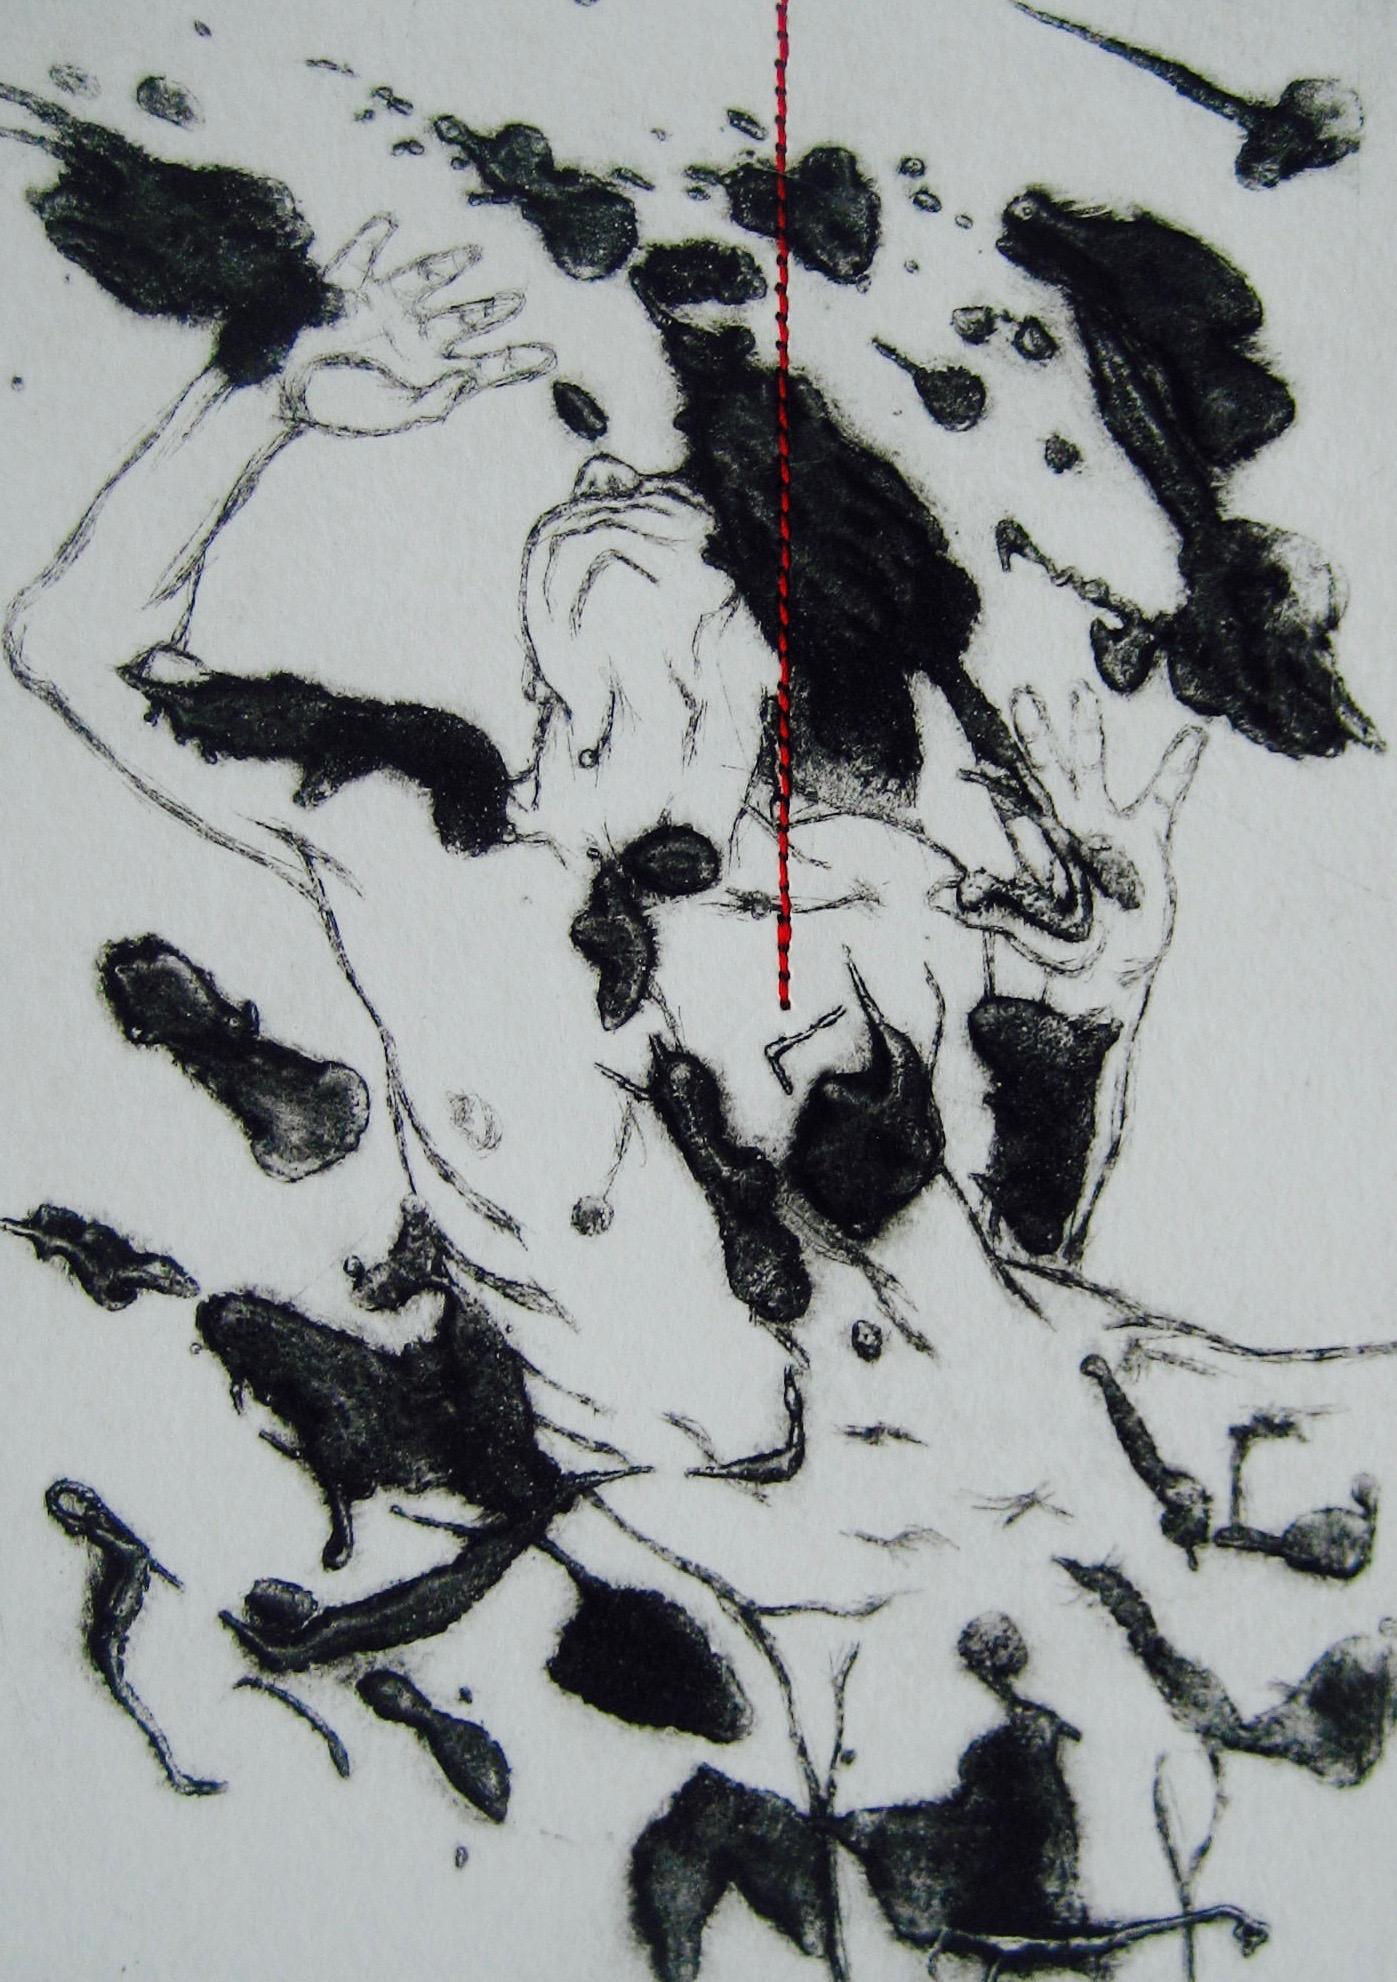 Sans titre - Pointe sèche et carborundum sur zinc, couture - 2014